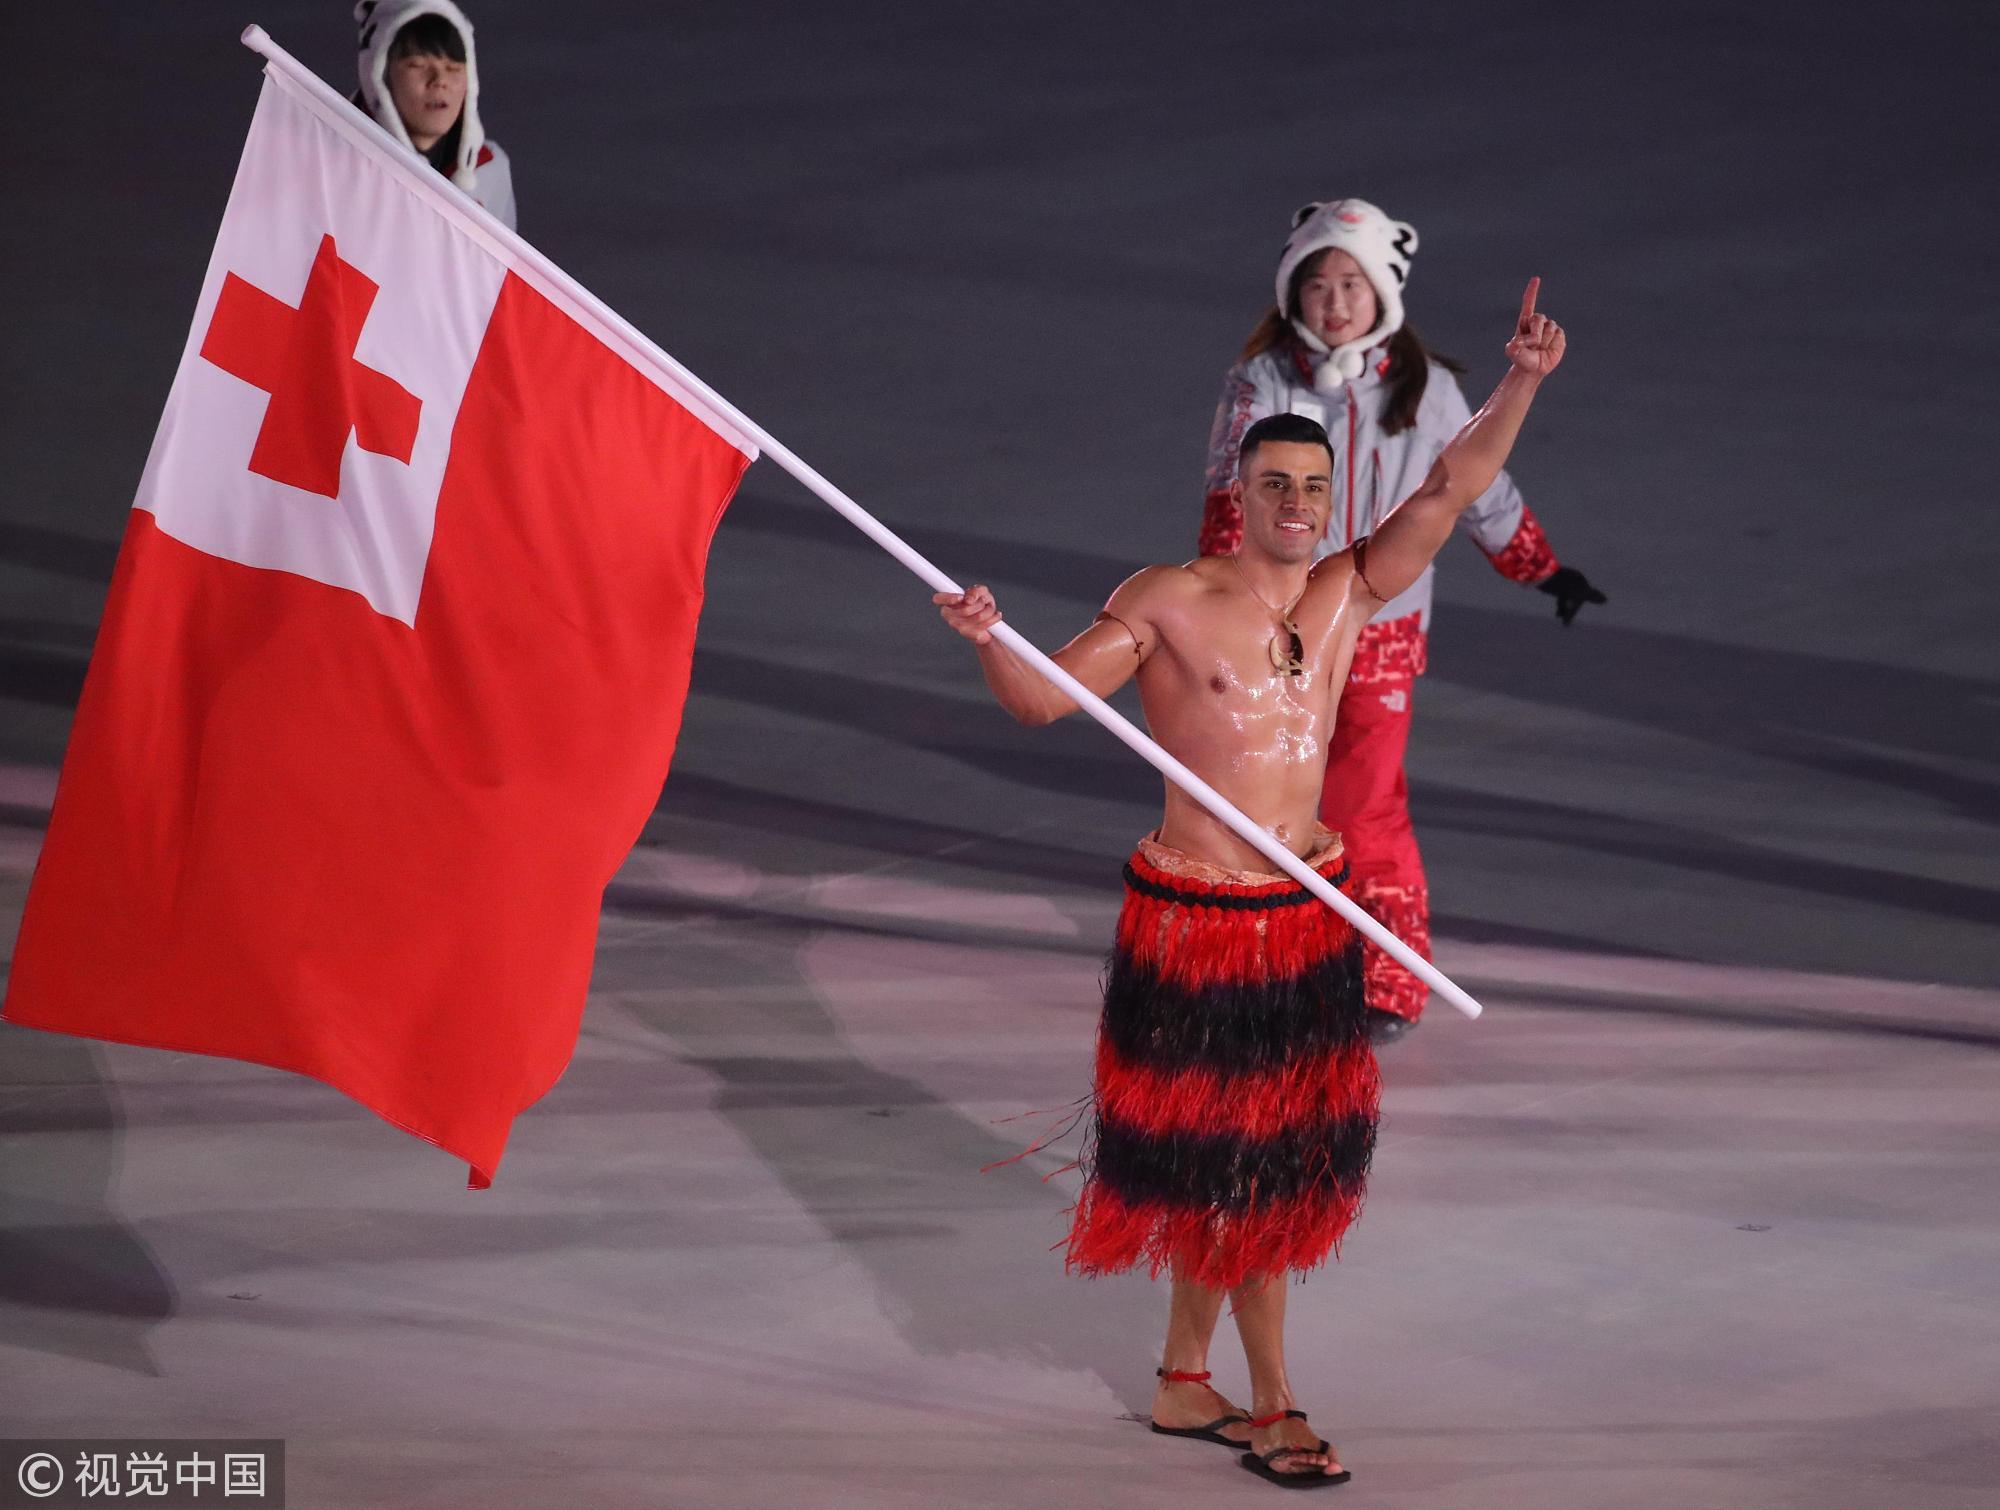 汤加代表团入场 天气严寒旗手仍然赤膊